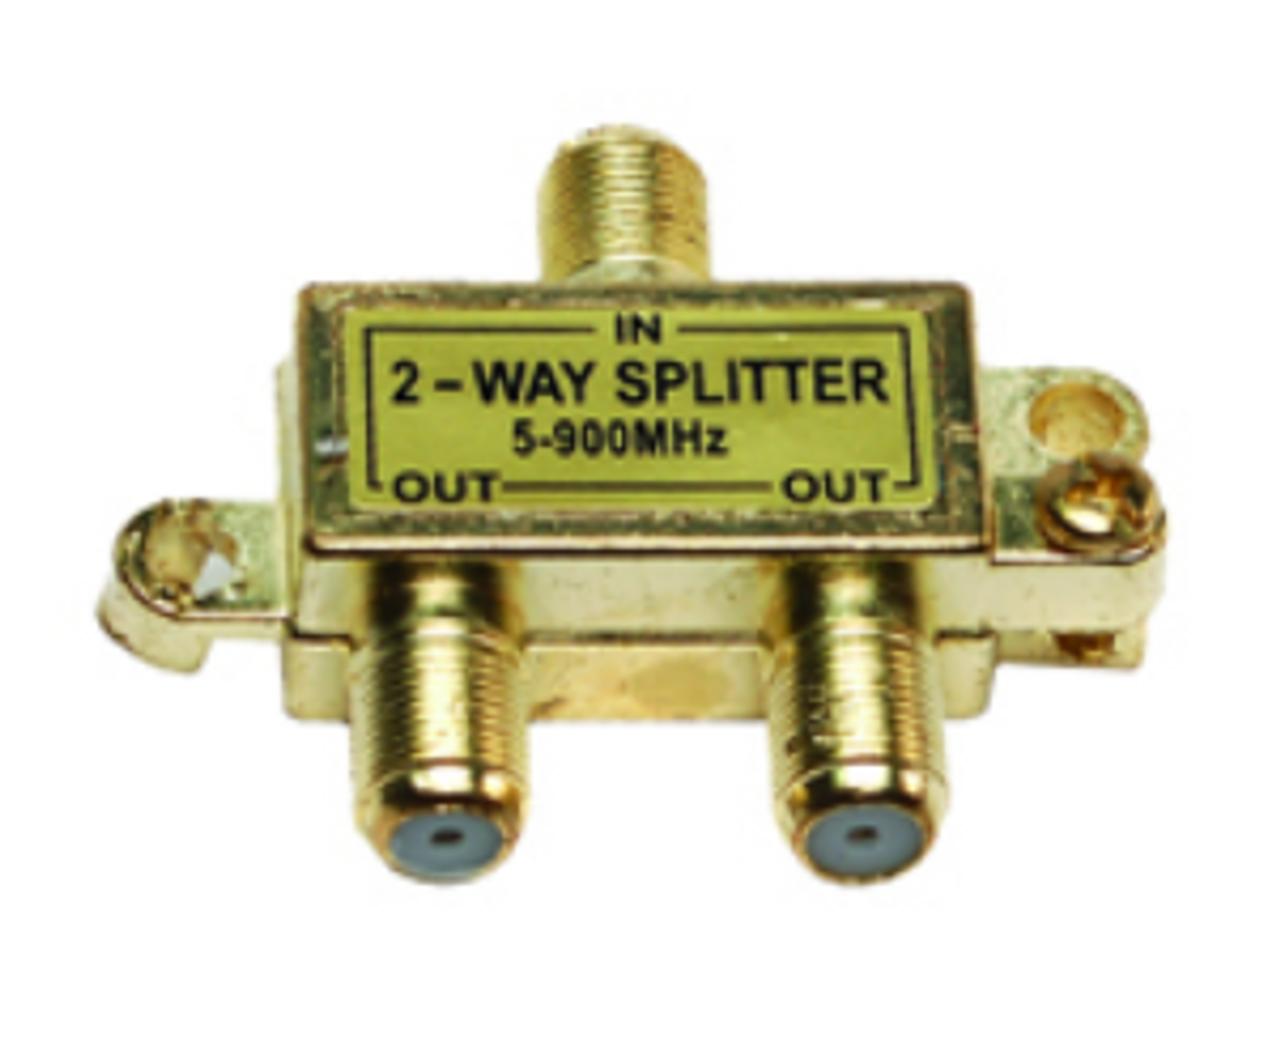 2-WAY COAX SPLITTER (24-1001)